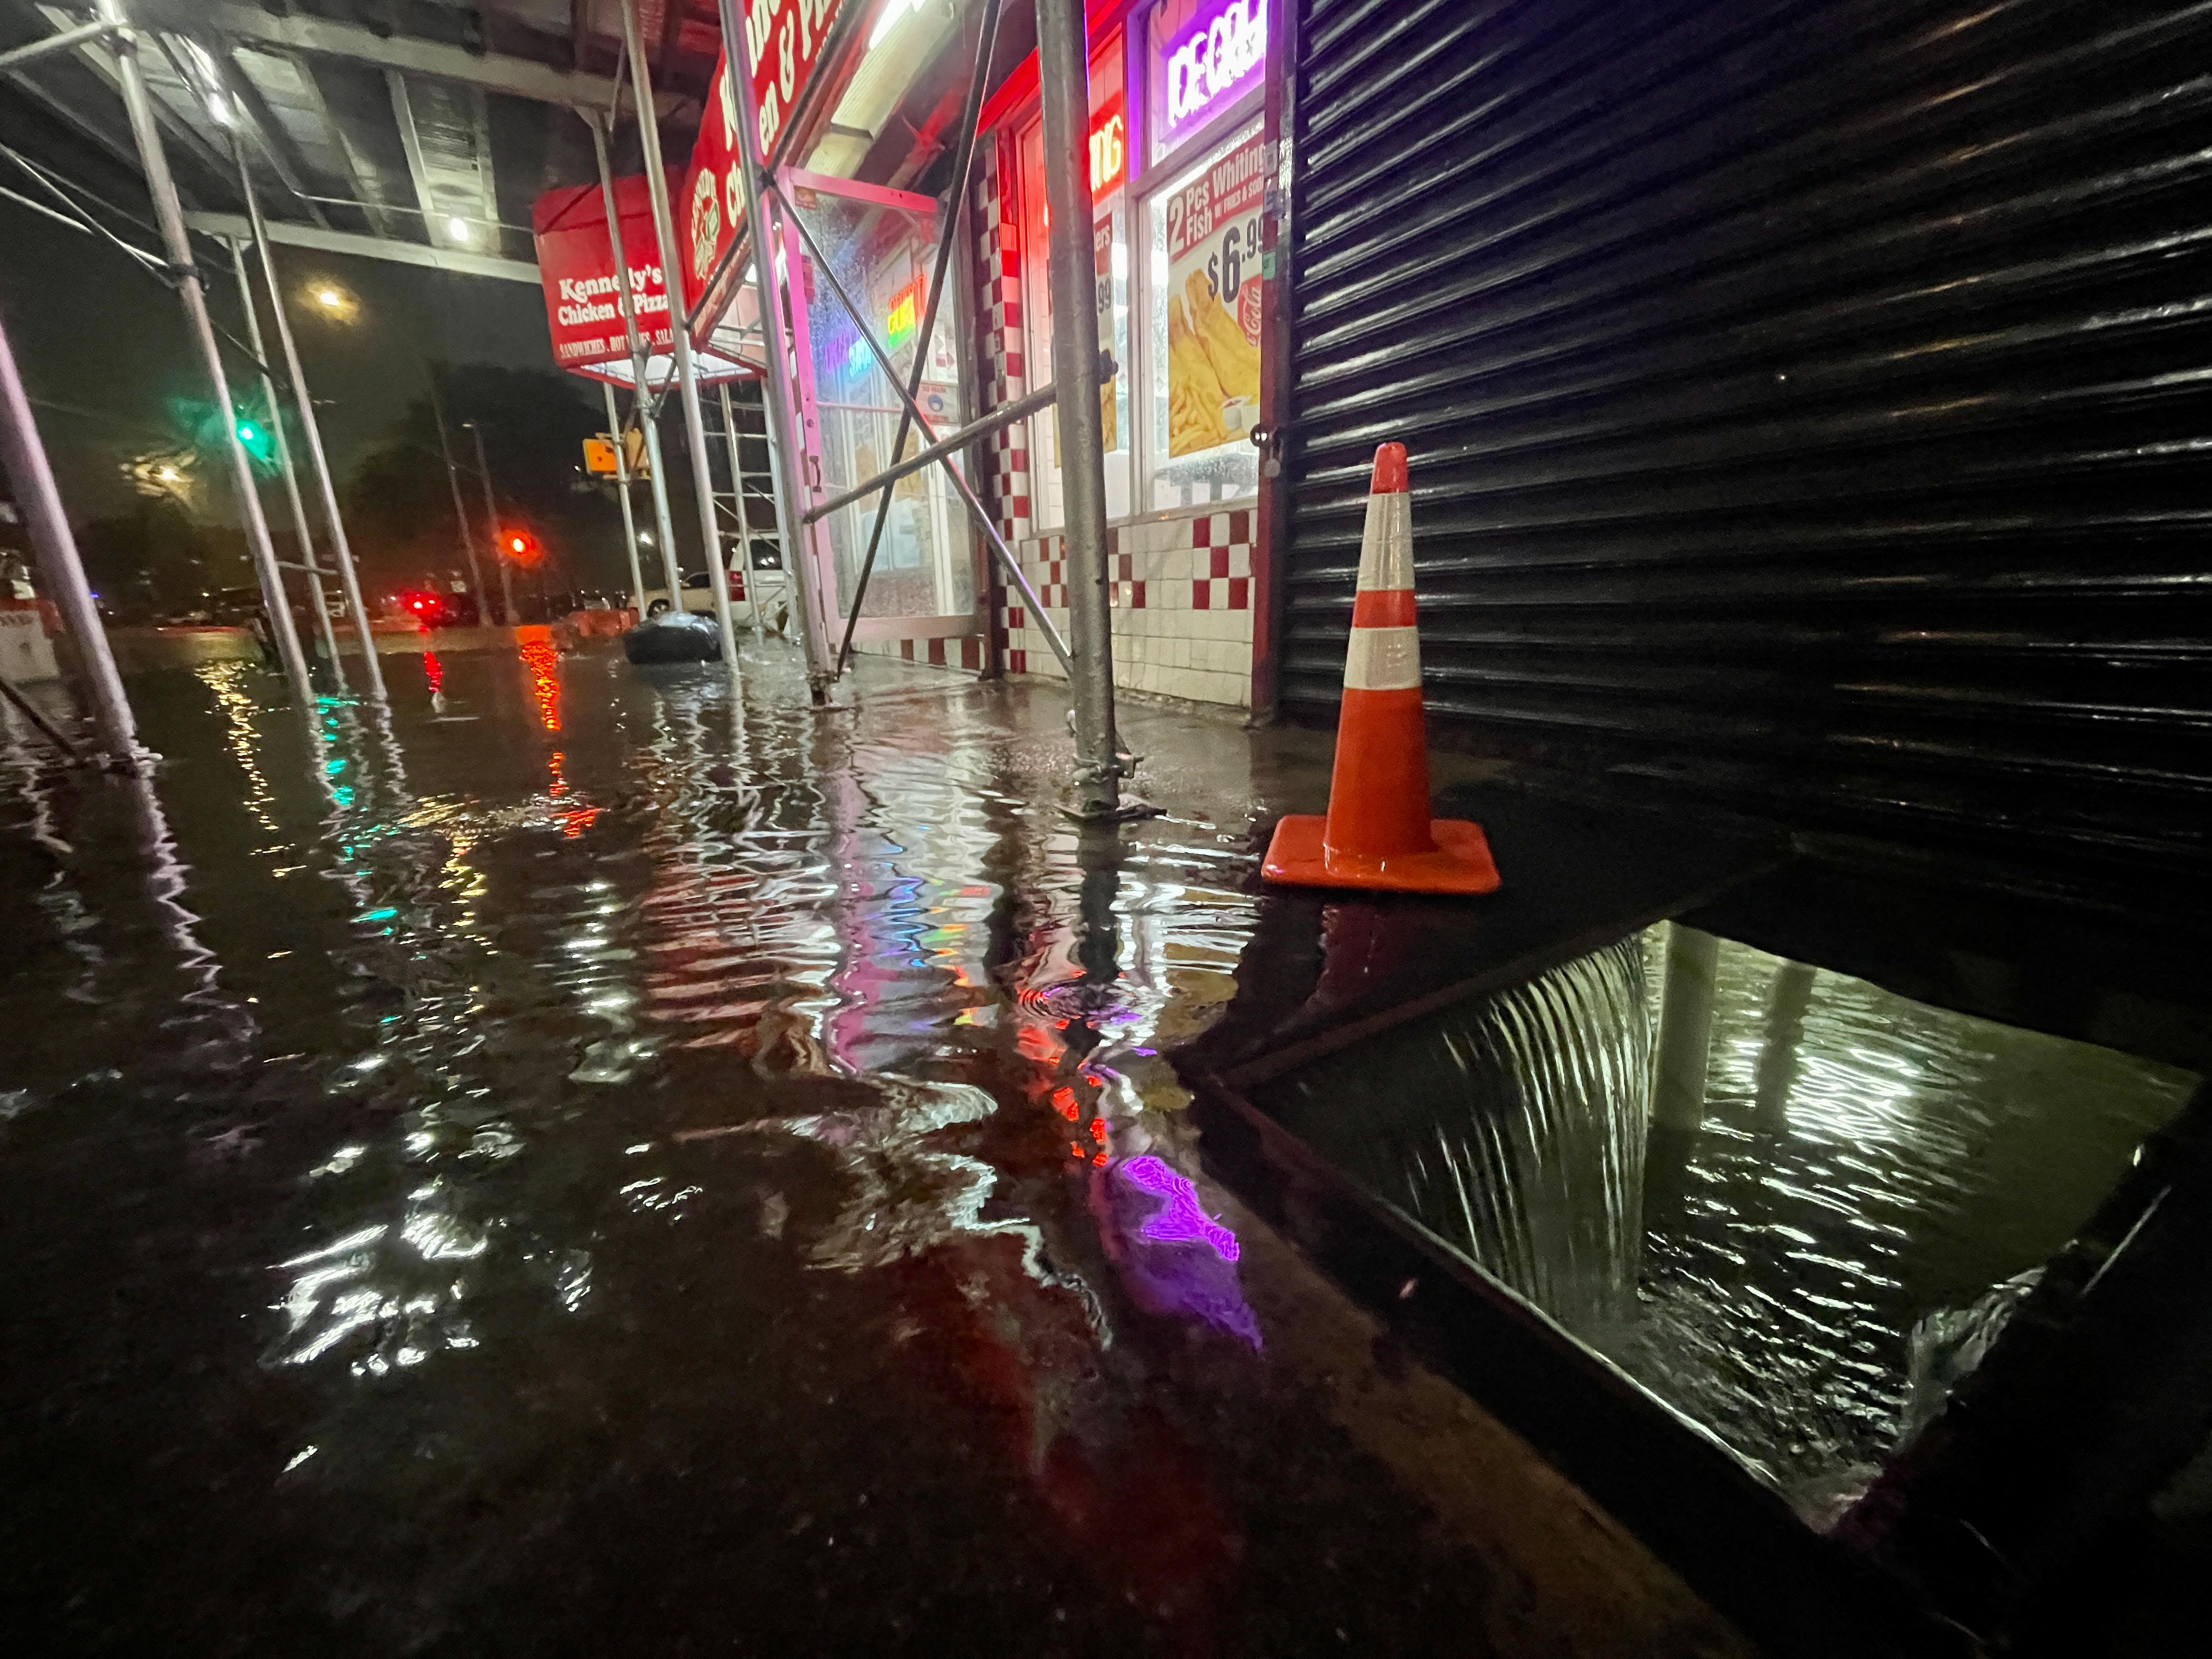 Legalább tizennégyen meghaltak az áradások miatt New Yorkban és New Jerseyben